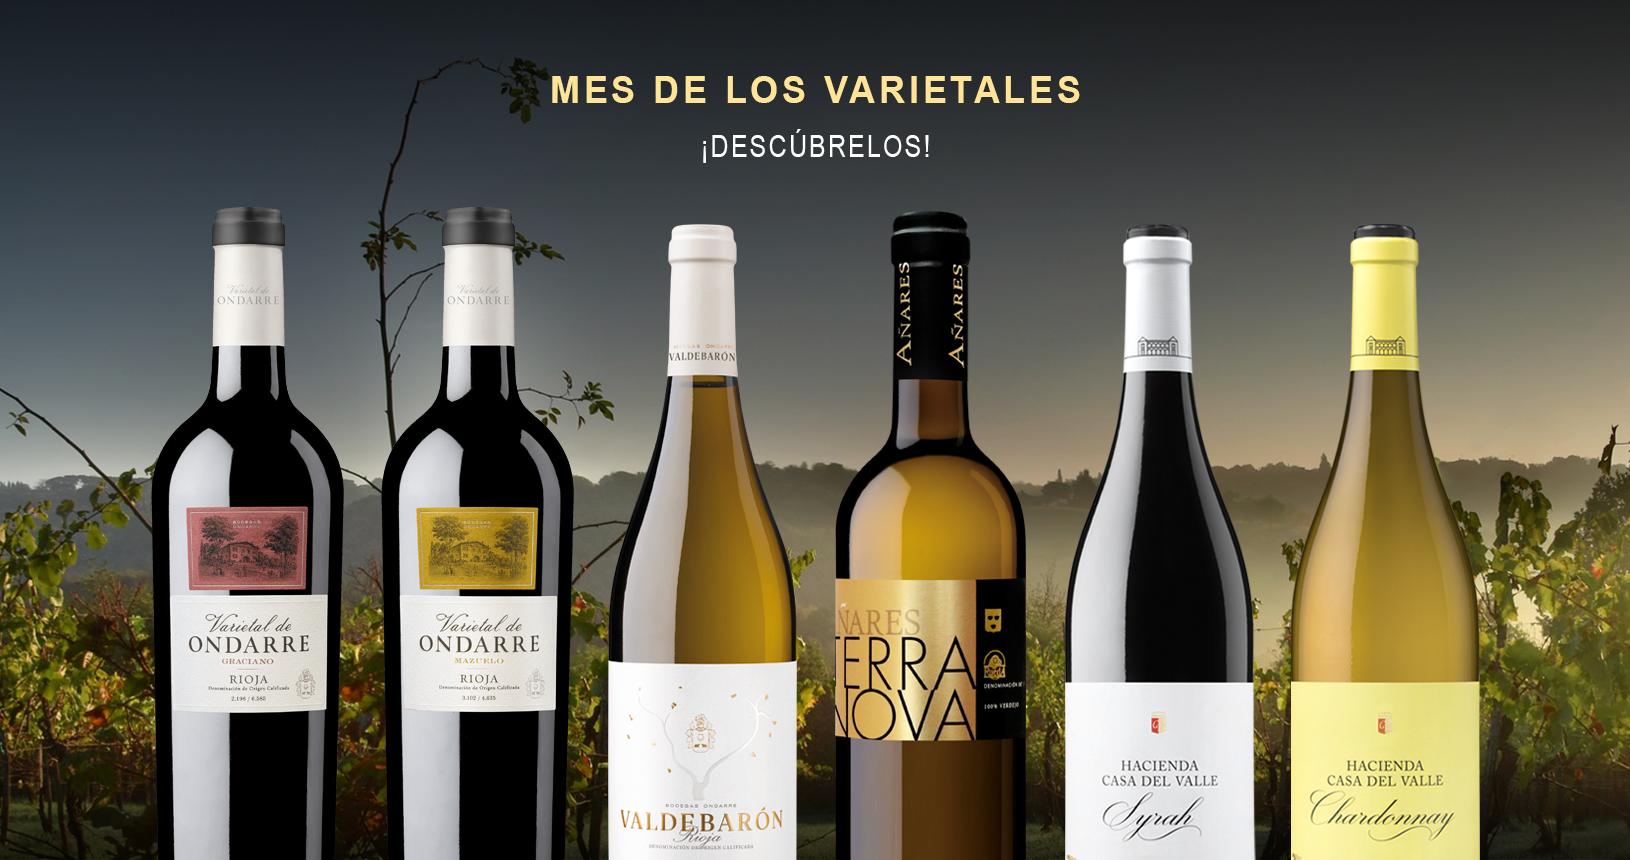 Vinos varietales de Grupo Bodegas Olarra